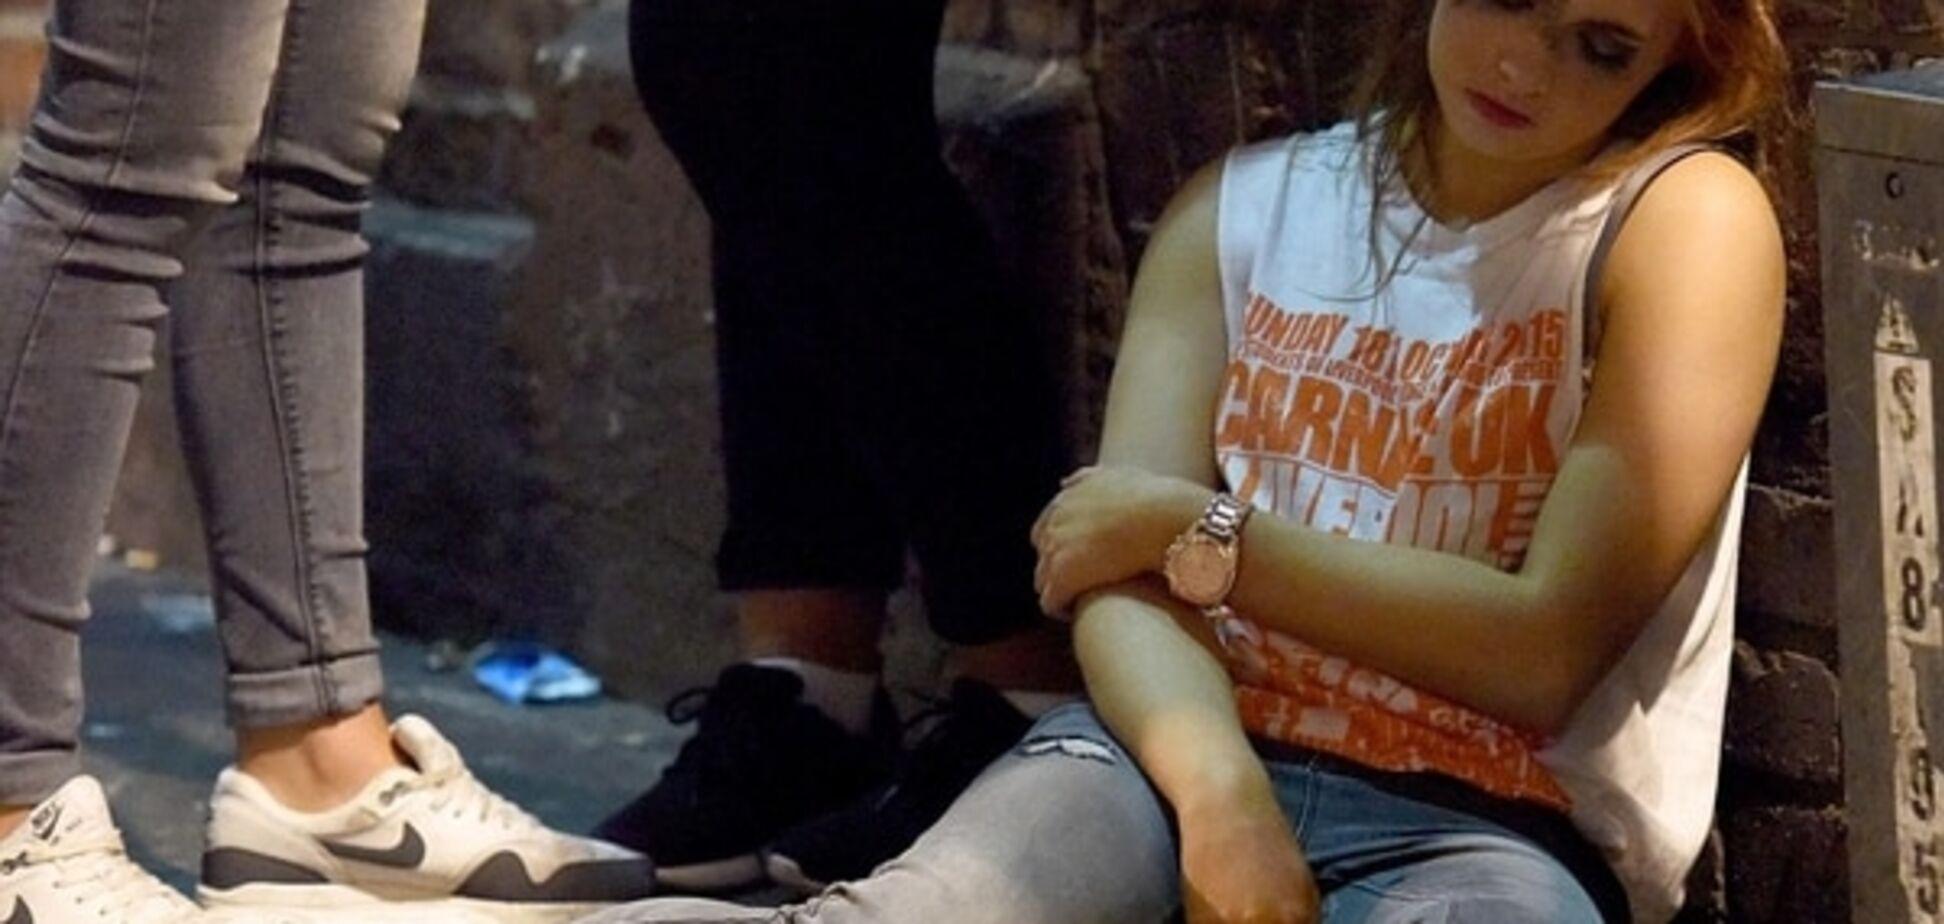 В Британии начался 'сезон студенческих пьянок': шокирующие фото, сделанные возле пабов